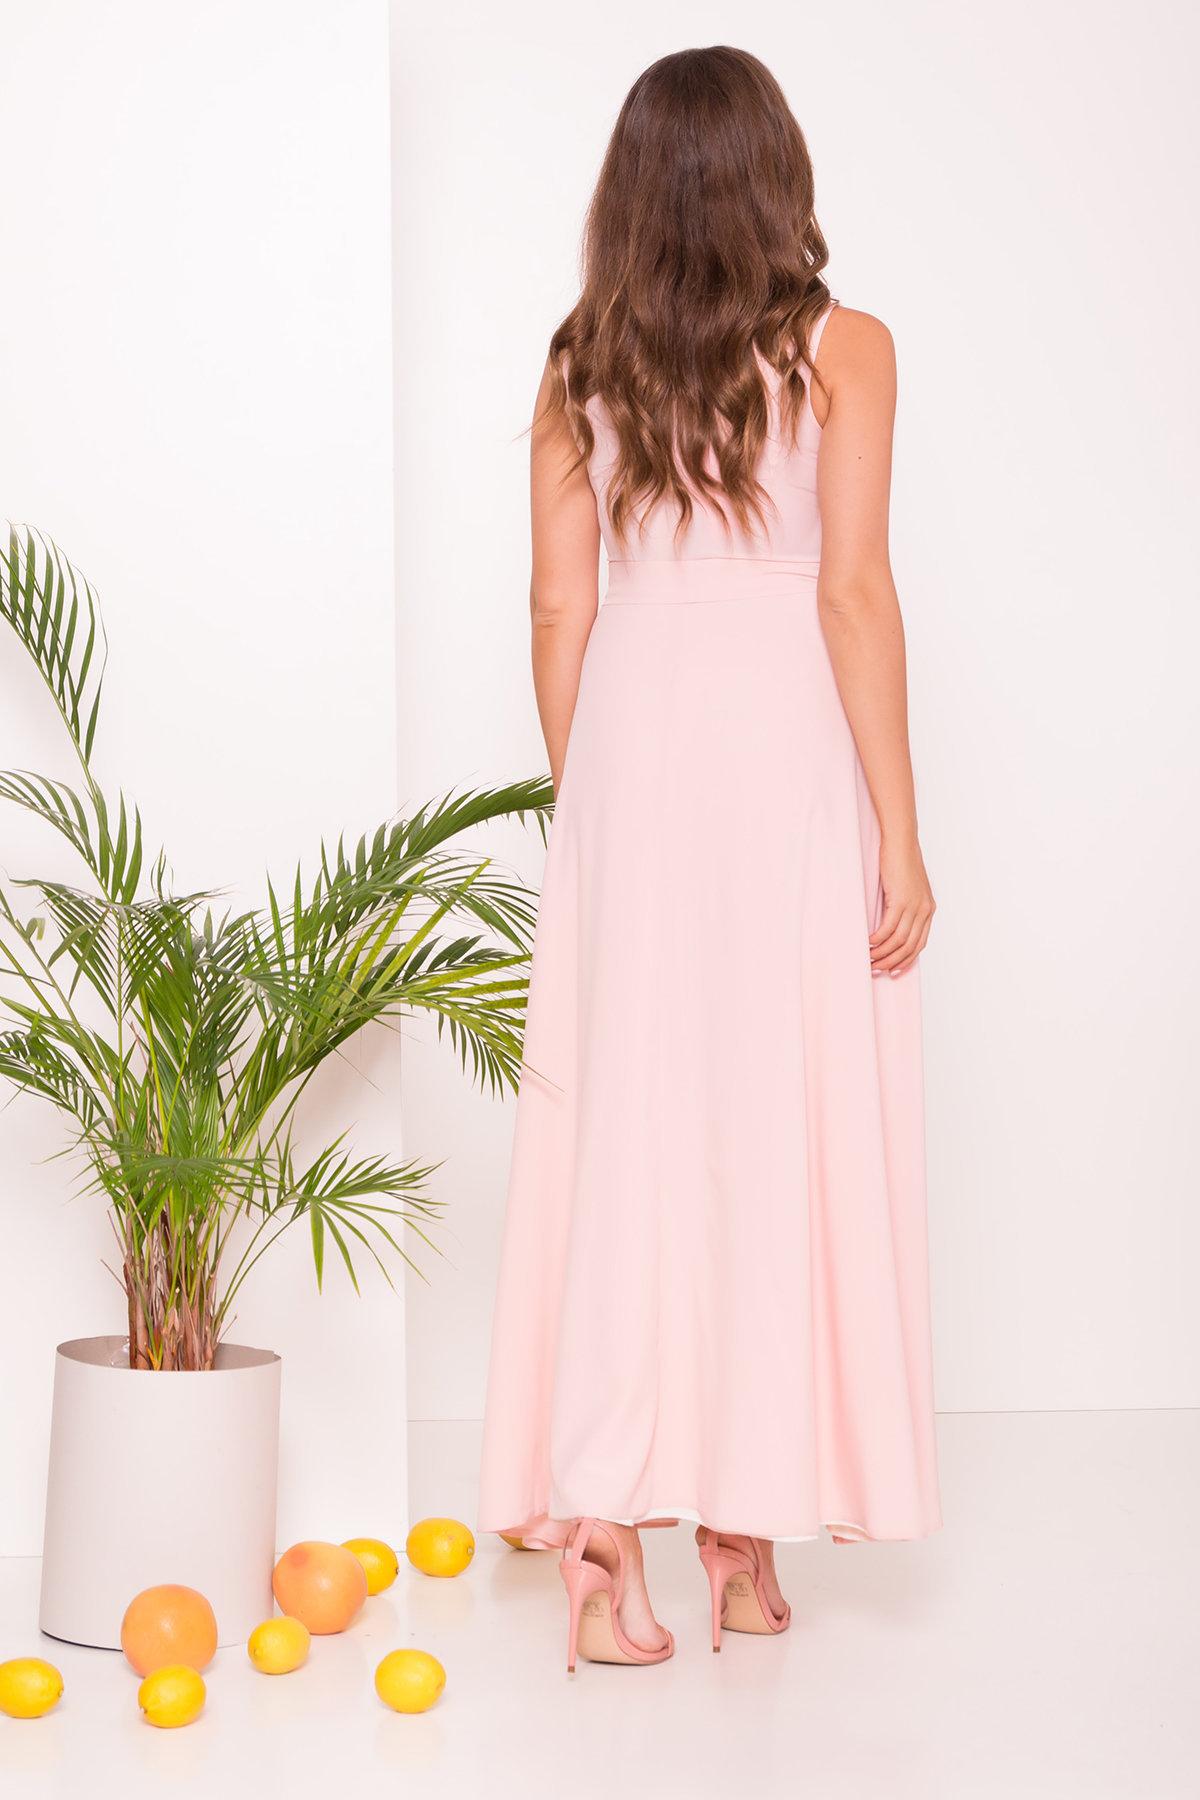 Платье Элисиас 7540 АРТ. 43463 Цвет: Персик - фото 2, интернет магазин tm-modus.ru